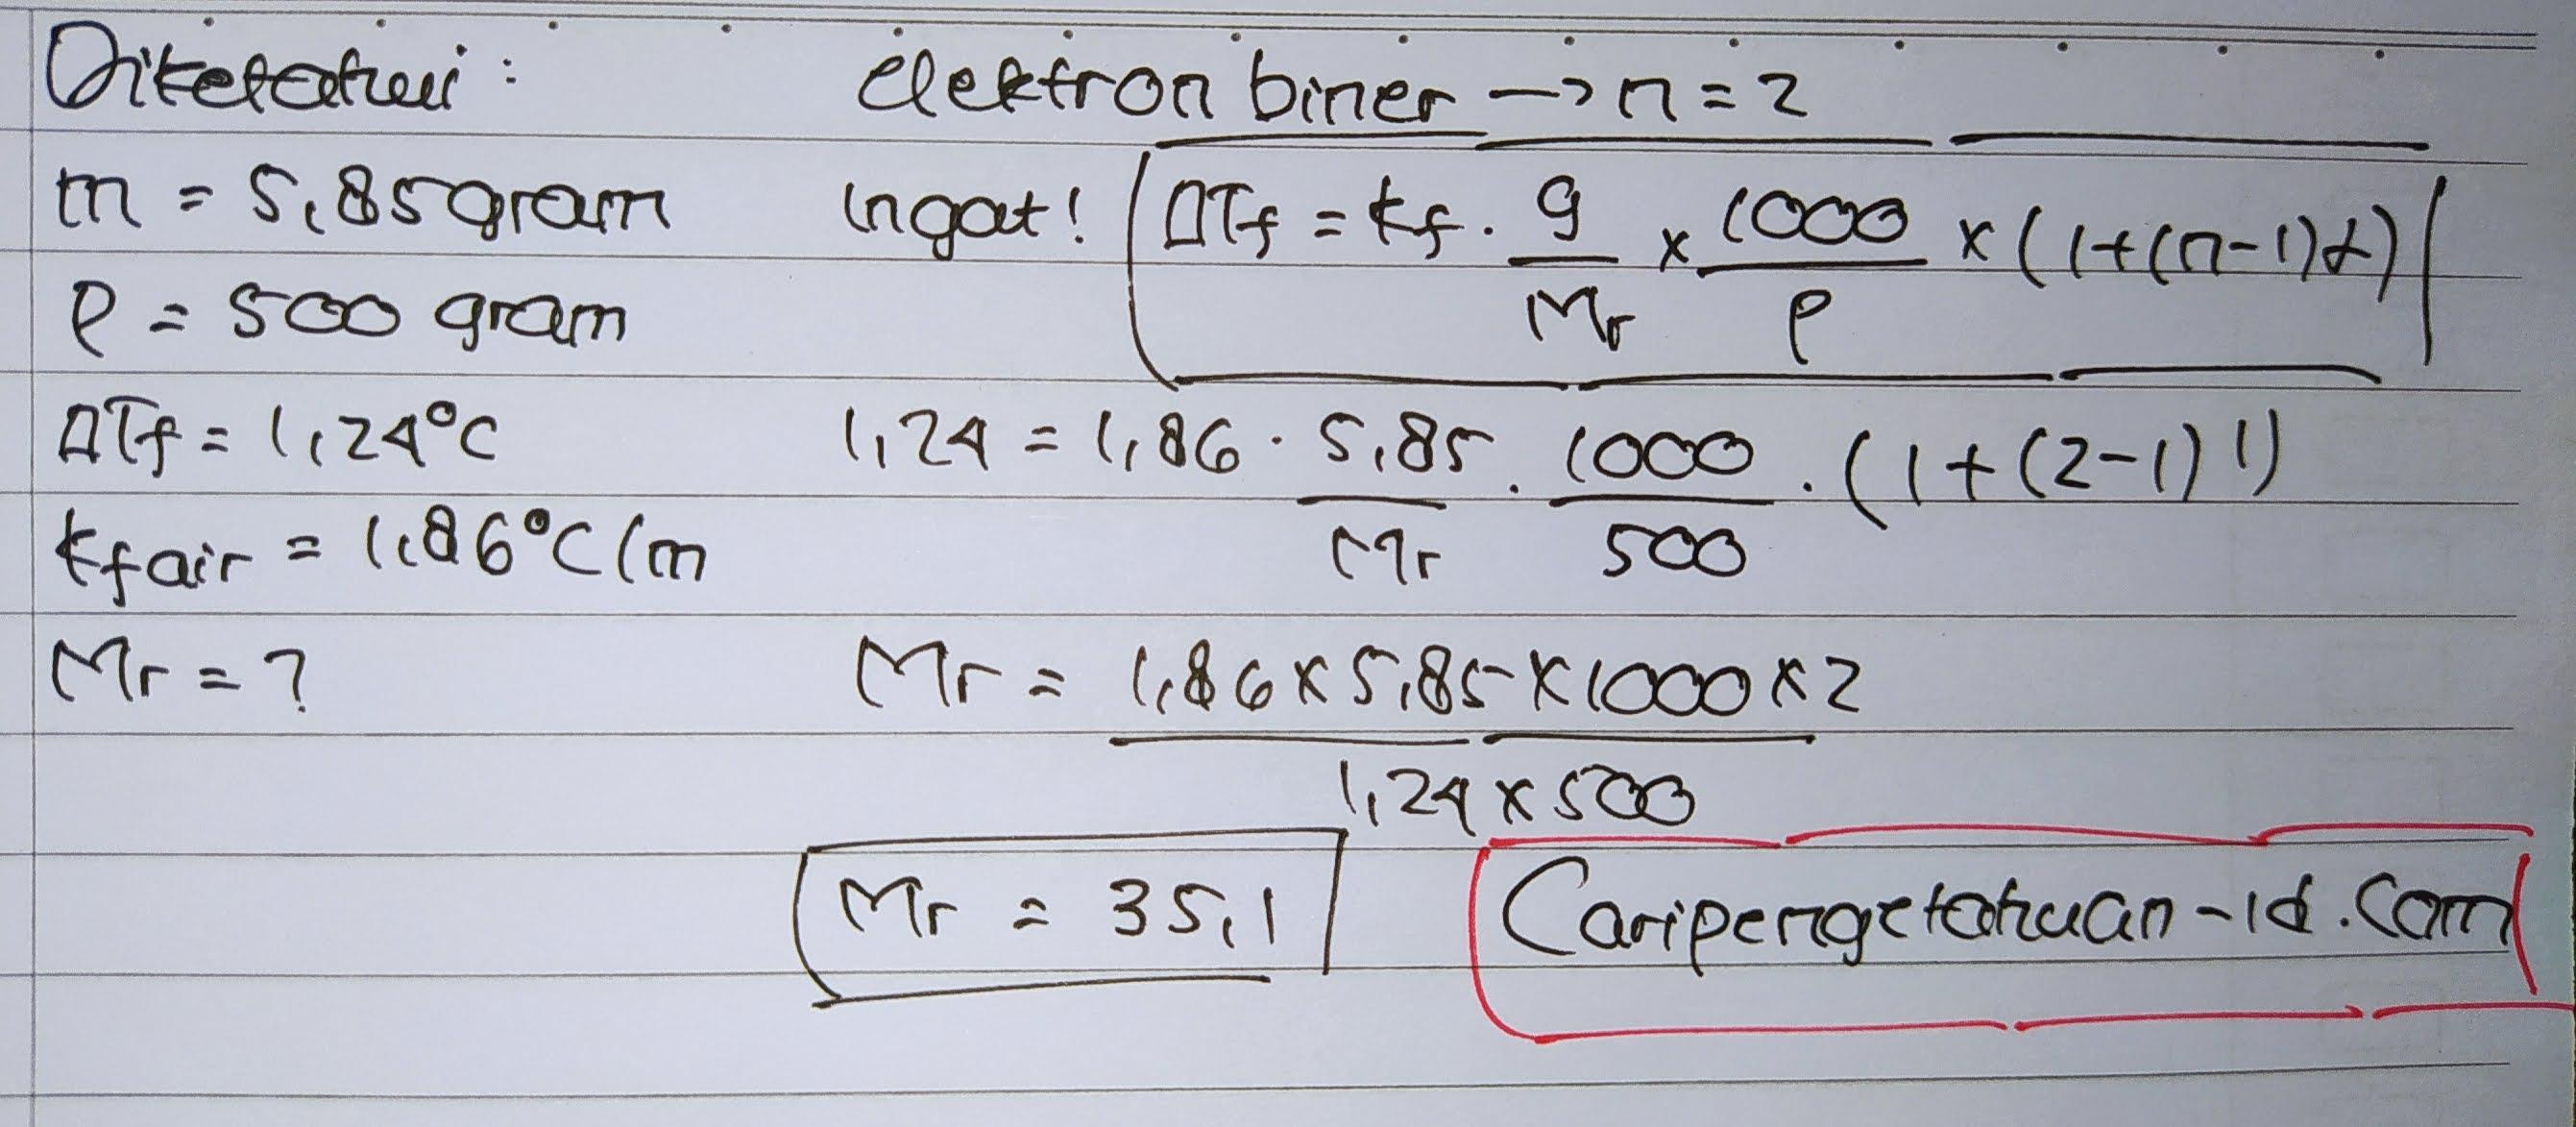 Larutan elektrolit biner 5,85 gram dalam 500 gram membeku pada suhu -1,24°C jika Kf air = 1,86°C/m. Mr yang dibutuhkan adalah....